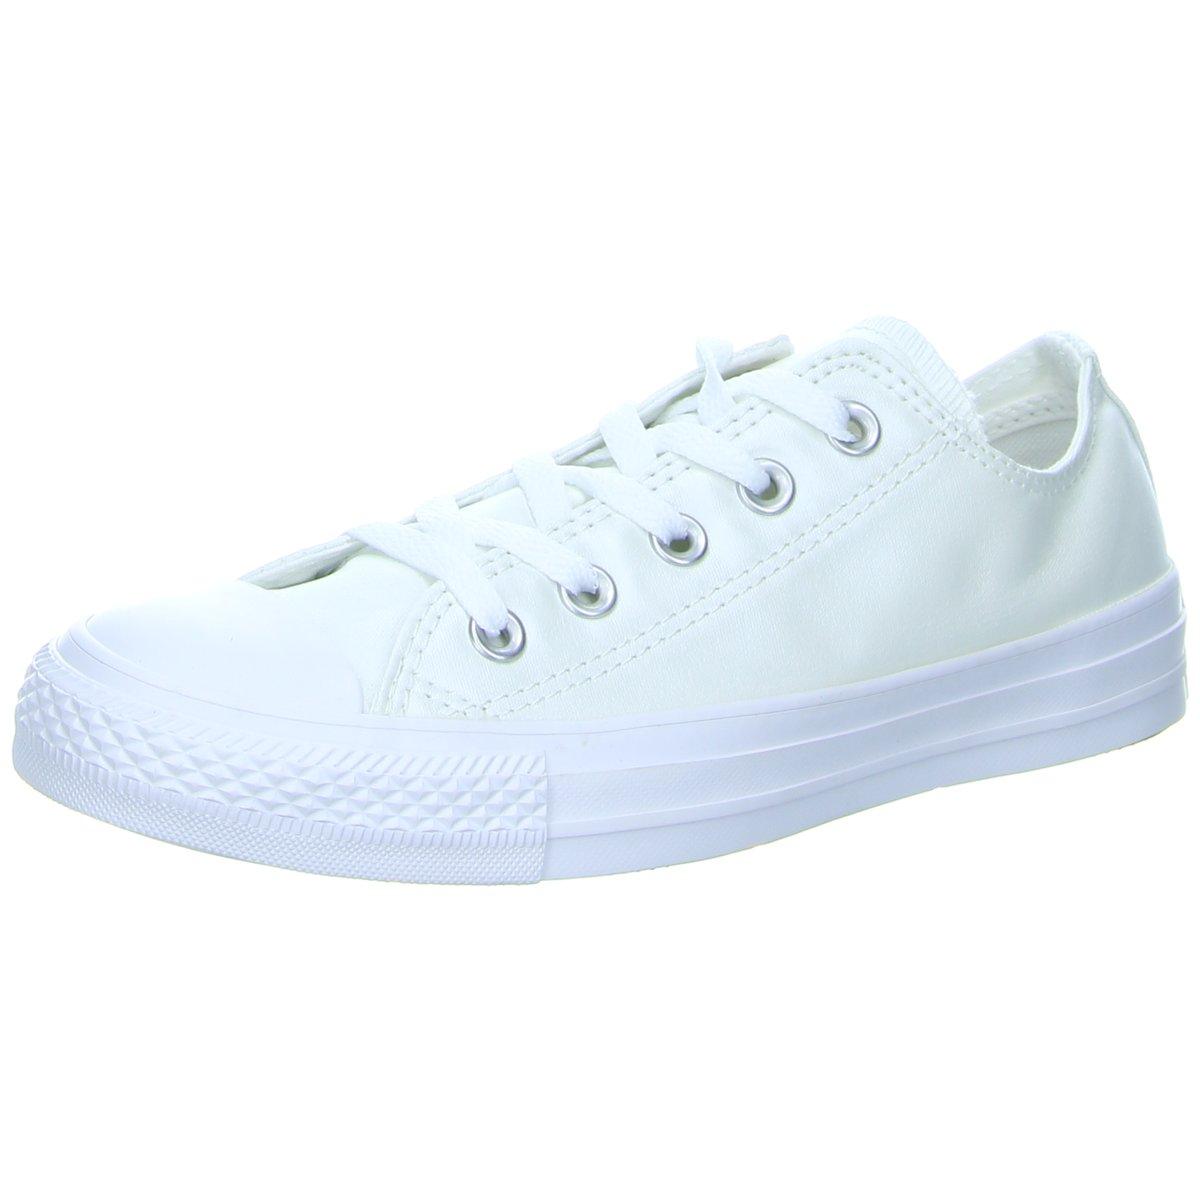 NEU Converse Damen Sneaker CTAS  OX 155564C weiß 284816